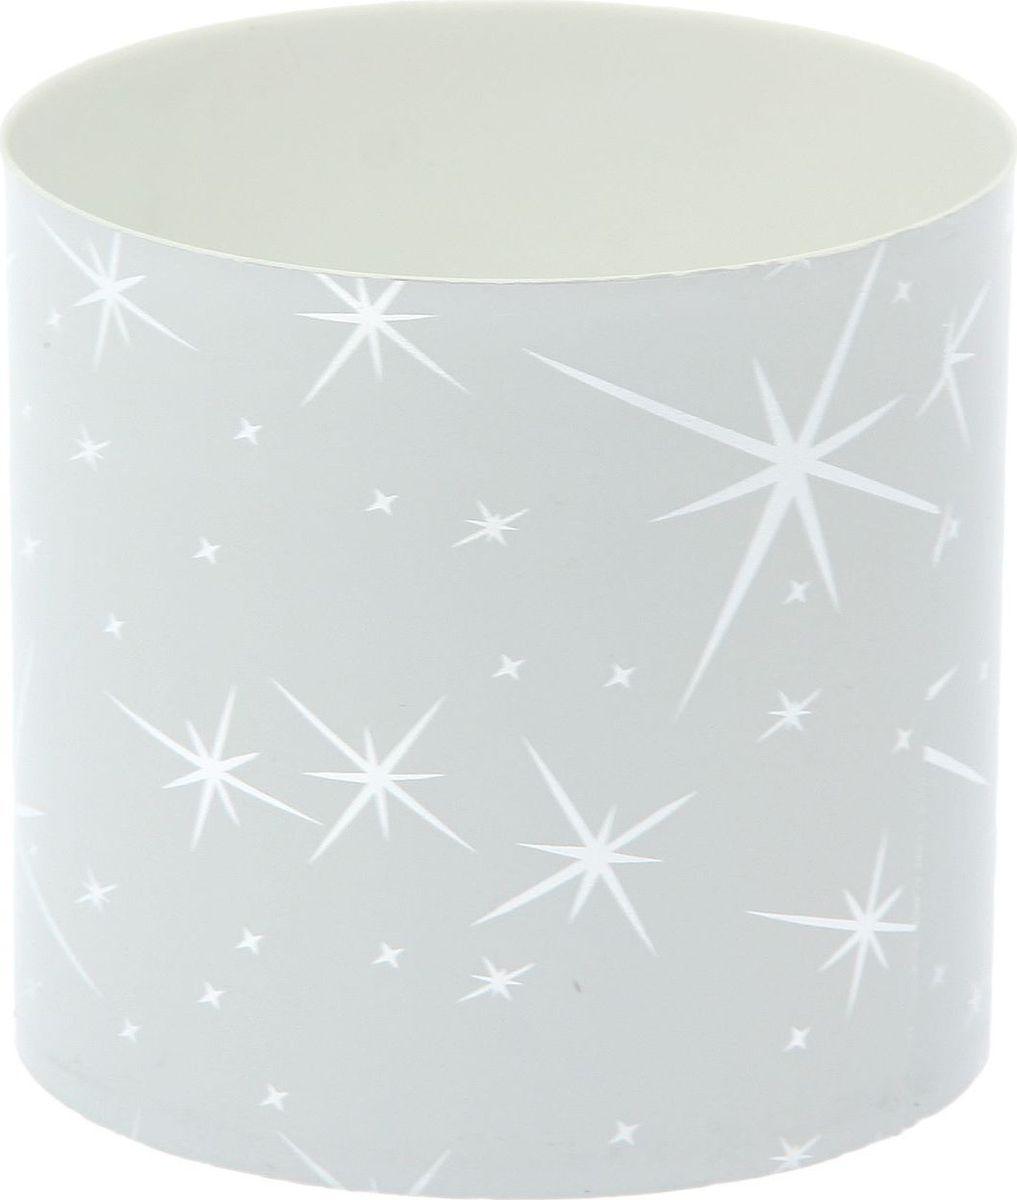 Горшок для цветов Simple Garden Звезды, со скрытым поддоном, цвет: белый металлик, 1 л1915389Любой, даже самый современный и продуманный интерьер будет незавершённым без растений. Они не только очищают воздух и насыщают его кислородом, но и украшают окружающее пространство. Такому полезному члену семьи просто необходим красивый и функциональный дом! Мы предлагаем #name#! Оптимальный выбор материала — пластмасса! Почему мы так считаем?Малый вес. С лёгкостью переносите горшки и кашпо с места на место, ставьте их на столики или полки, не беспокоясь о нагрузке. Простота ухода. Кашпо не нуждается в специальных условиях хранения. Его легко чистить — достаточно просто сполоснуть тёплой водой. Никаких потёртостей. Такие кашпо не царапают и не загрязняют поверхности, на которых стоят. Пластик дольше хранит влагу, а значит, растение реже нуждается в поливе. Пластмасса не пропускает воздух — корневой системе растения не грозят резкие перепады температур. Огромный выбор форм, декора и расцветок — вы без труда найдёте что-то, что идеально впишется в уже существующий интерьер. Соблюдая нехитрые правила ухода, вы можете заметно продлить срок службы горшков и кашпо из пластика:всегда учитывайте размер кроны и корневой системы (при разрастании большое растение способно повредить маленький горшок)берегите изделие от воздействия прямых солнечных лучей, чтобы горшки не выцветалидержите кашпо из пластика подальше от нагревающихся поверхностей. Создавайте прекрасные цветочные композиции, выращивайте рассаду или необычные растения.